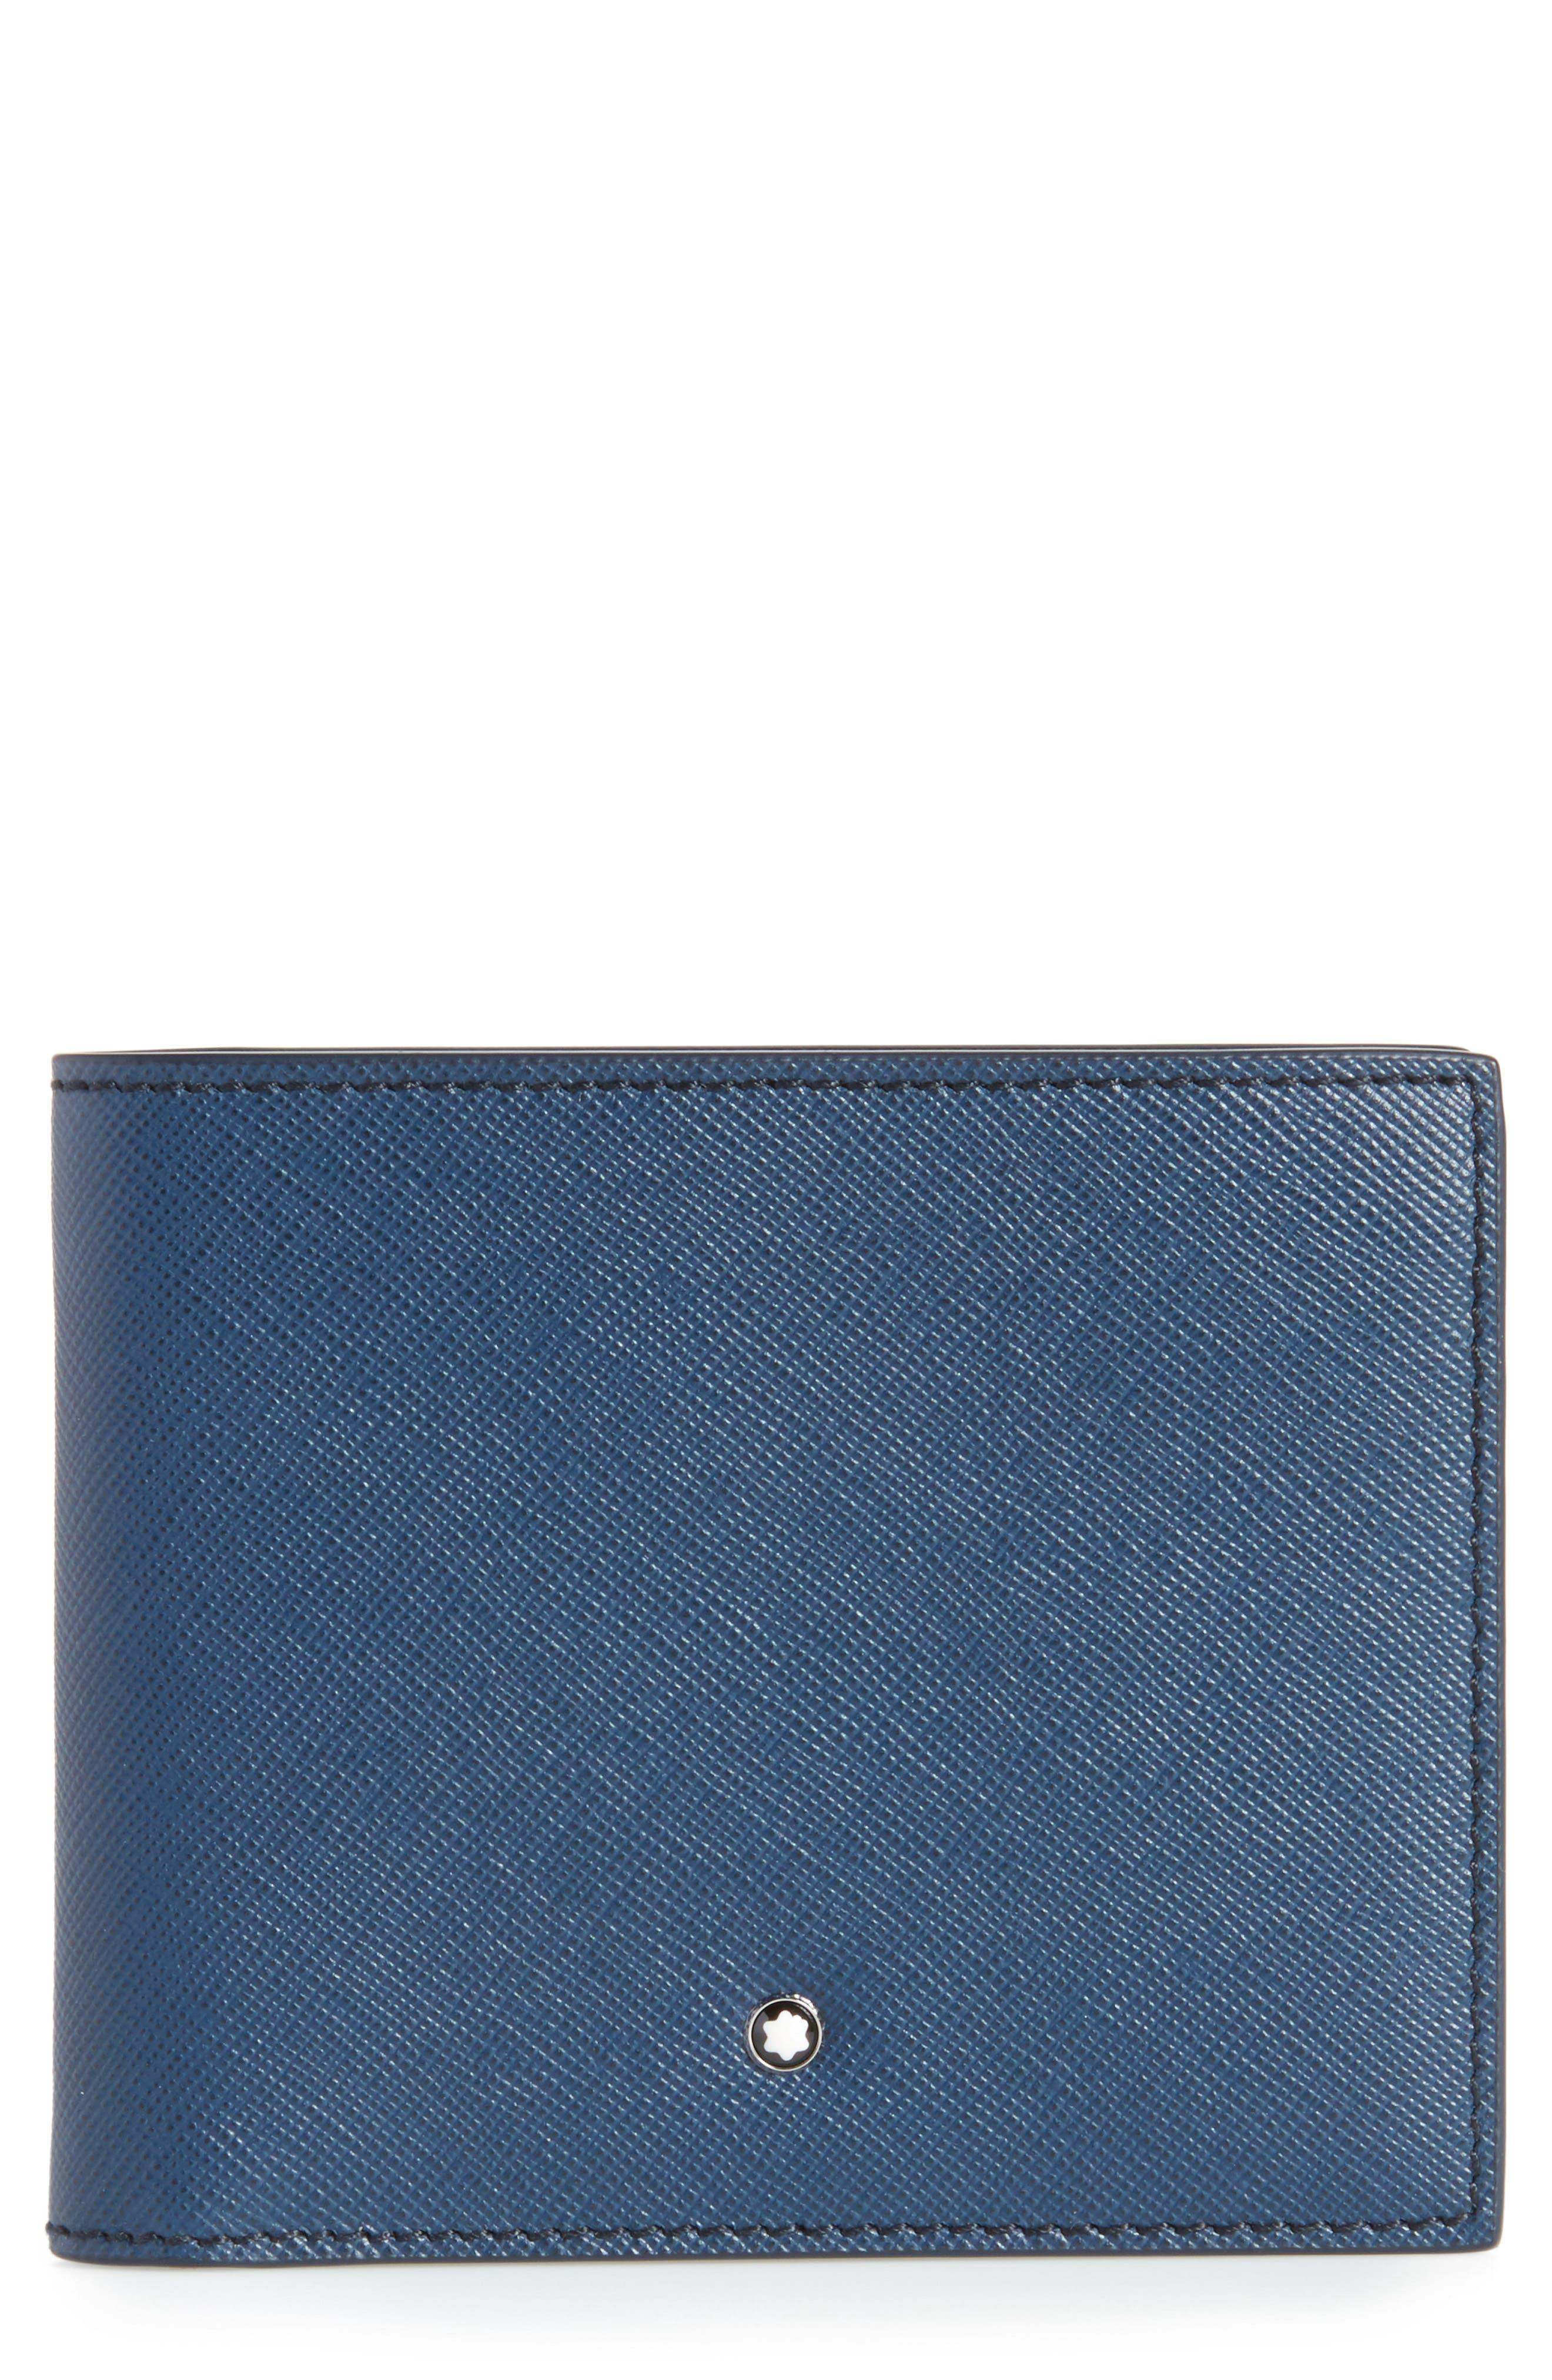 Sartorial Leather Wallet,                         Main,                         color, Indigo